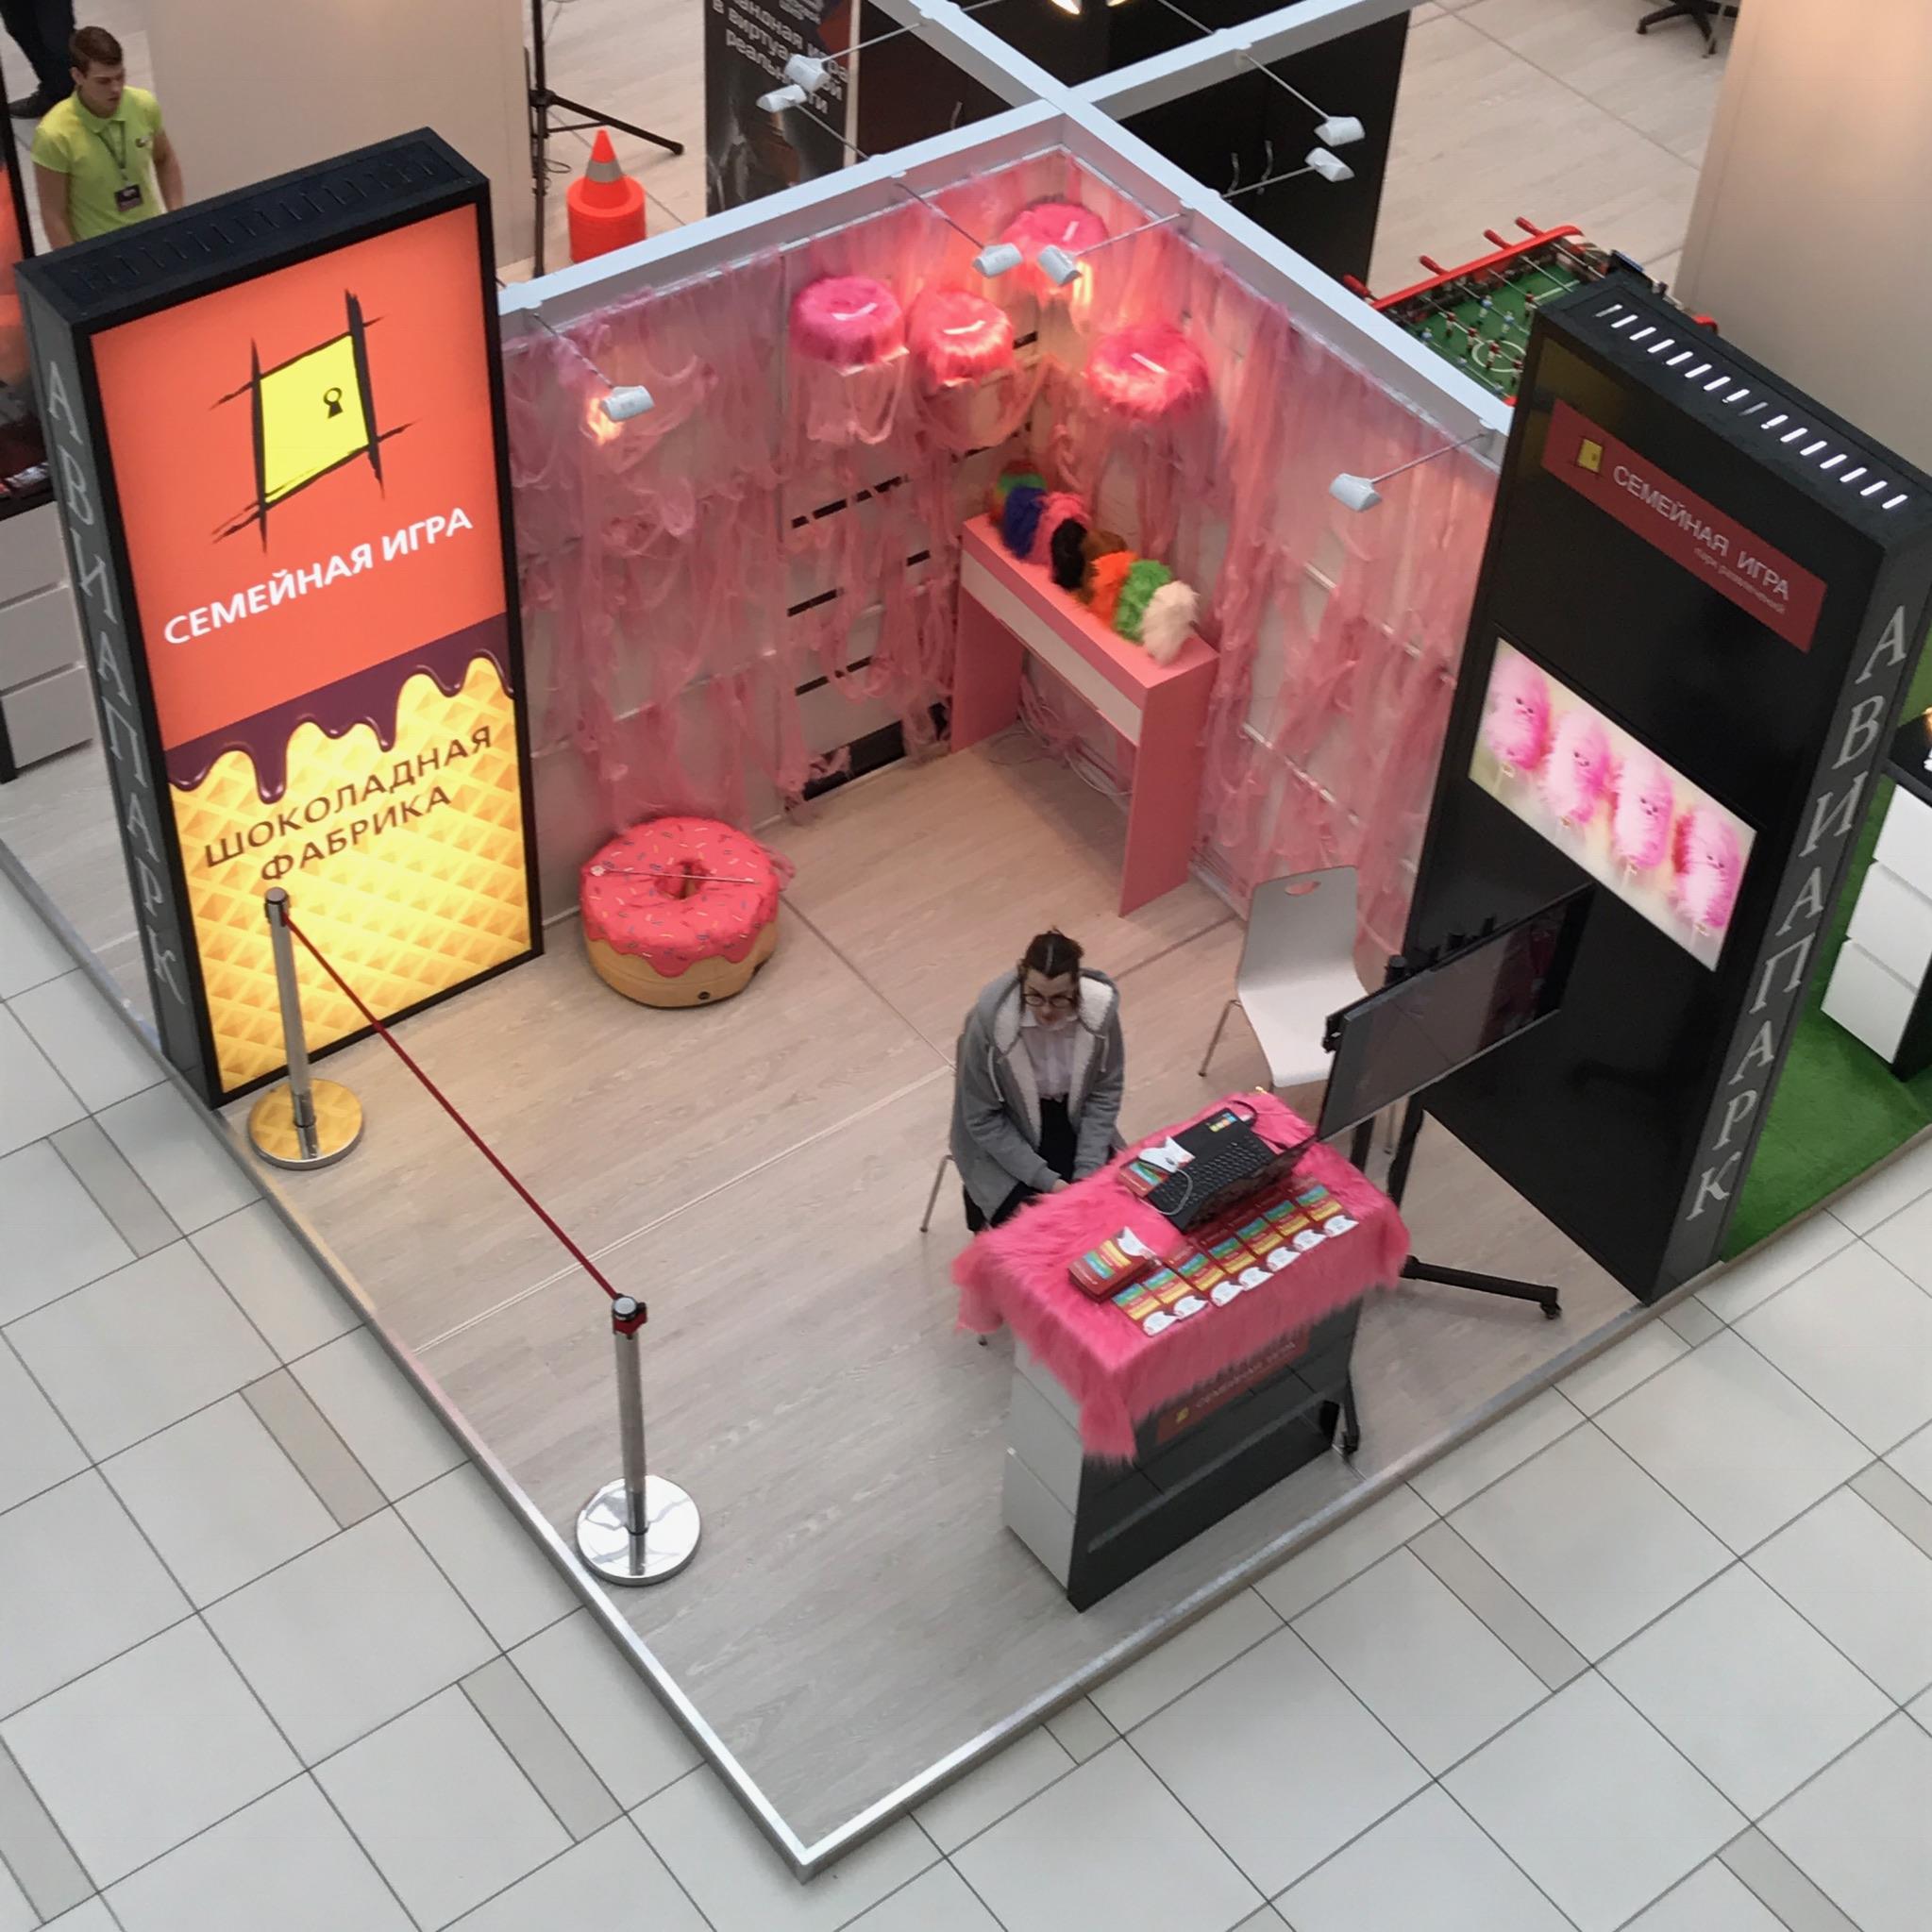 Portable escape room stand